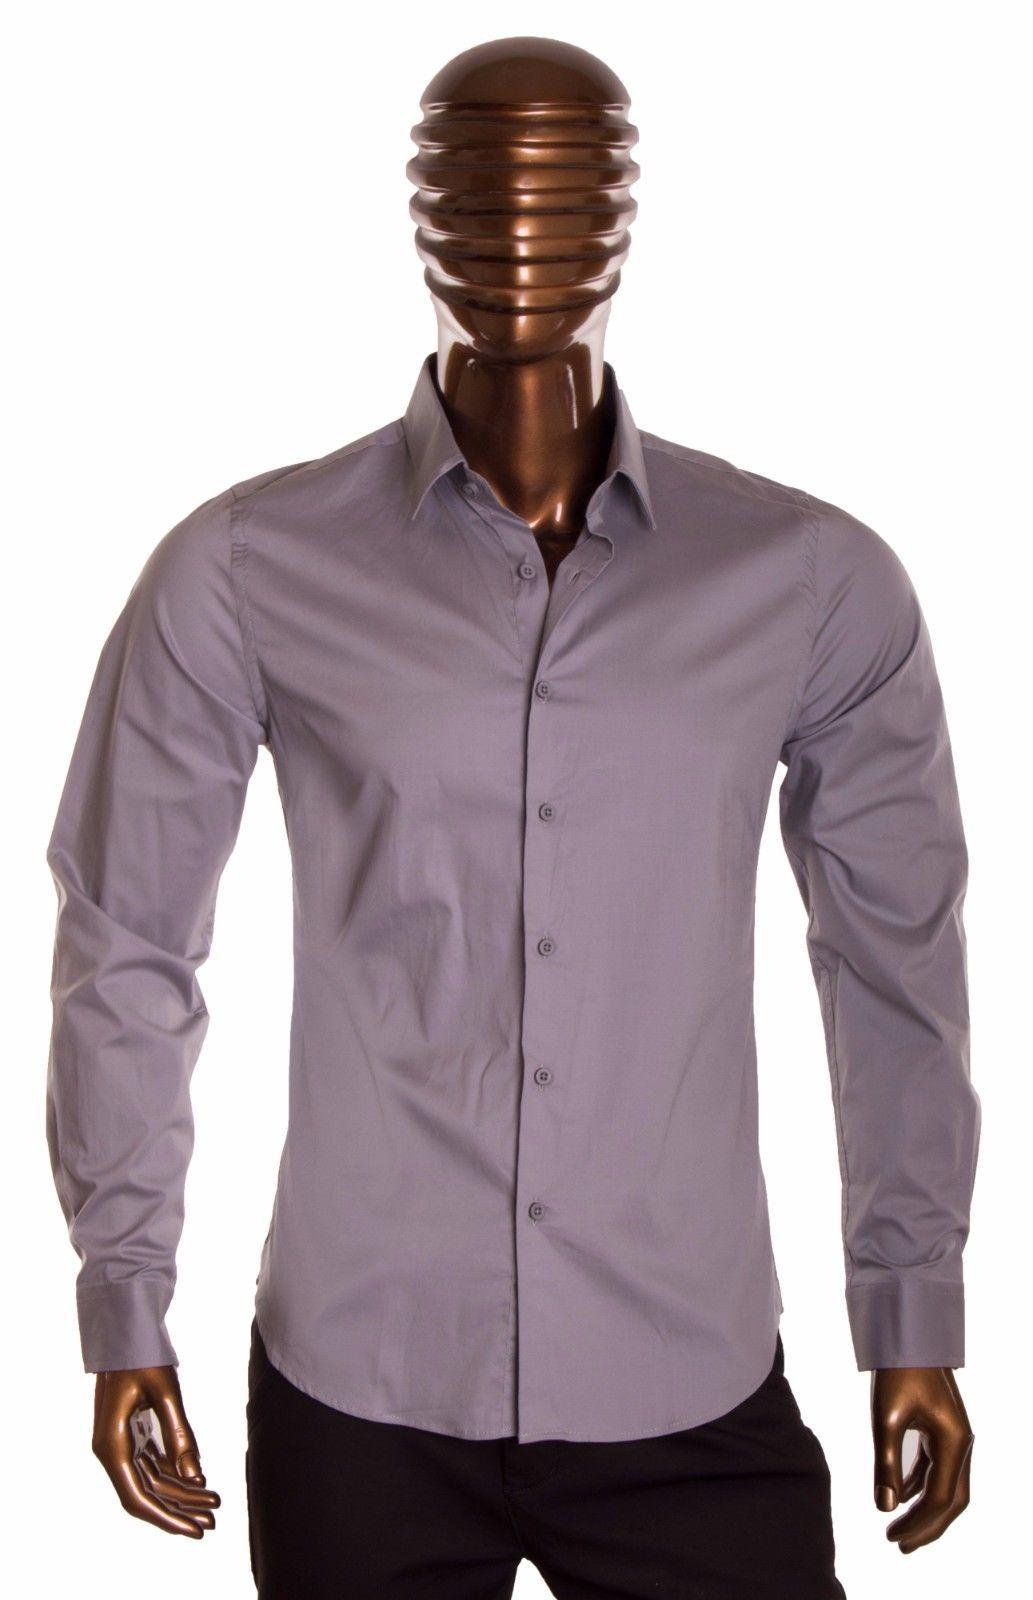 Gray long sleeve dress shirt Men's slim fit casual dress button up shirt S-2X #1